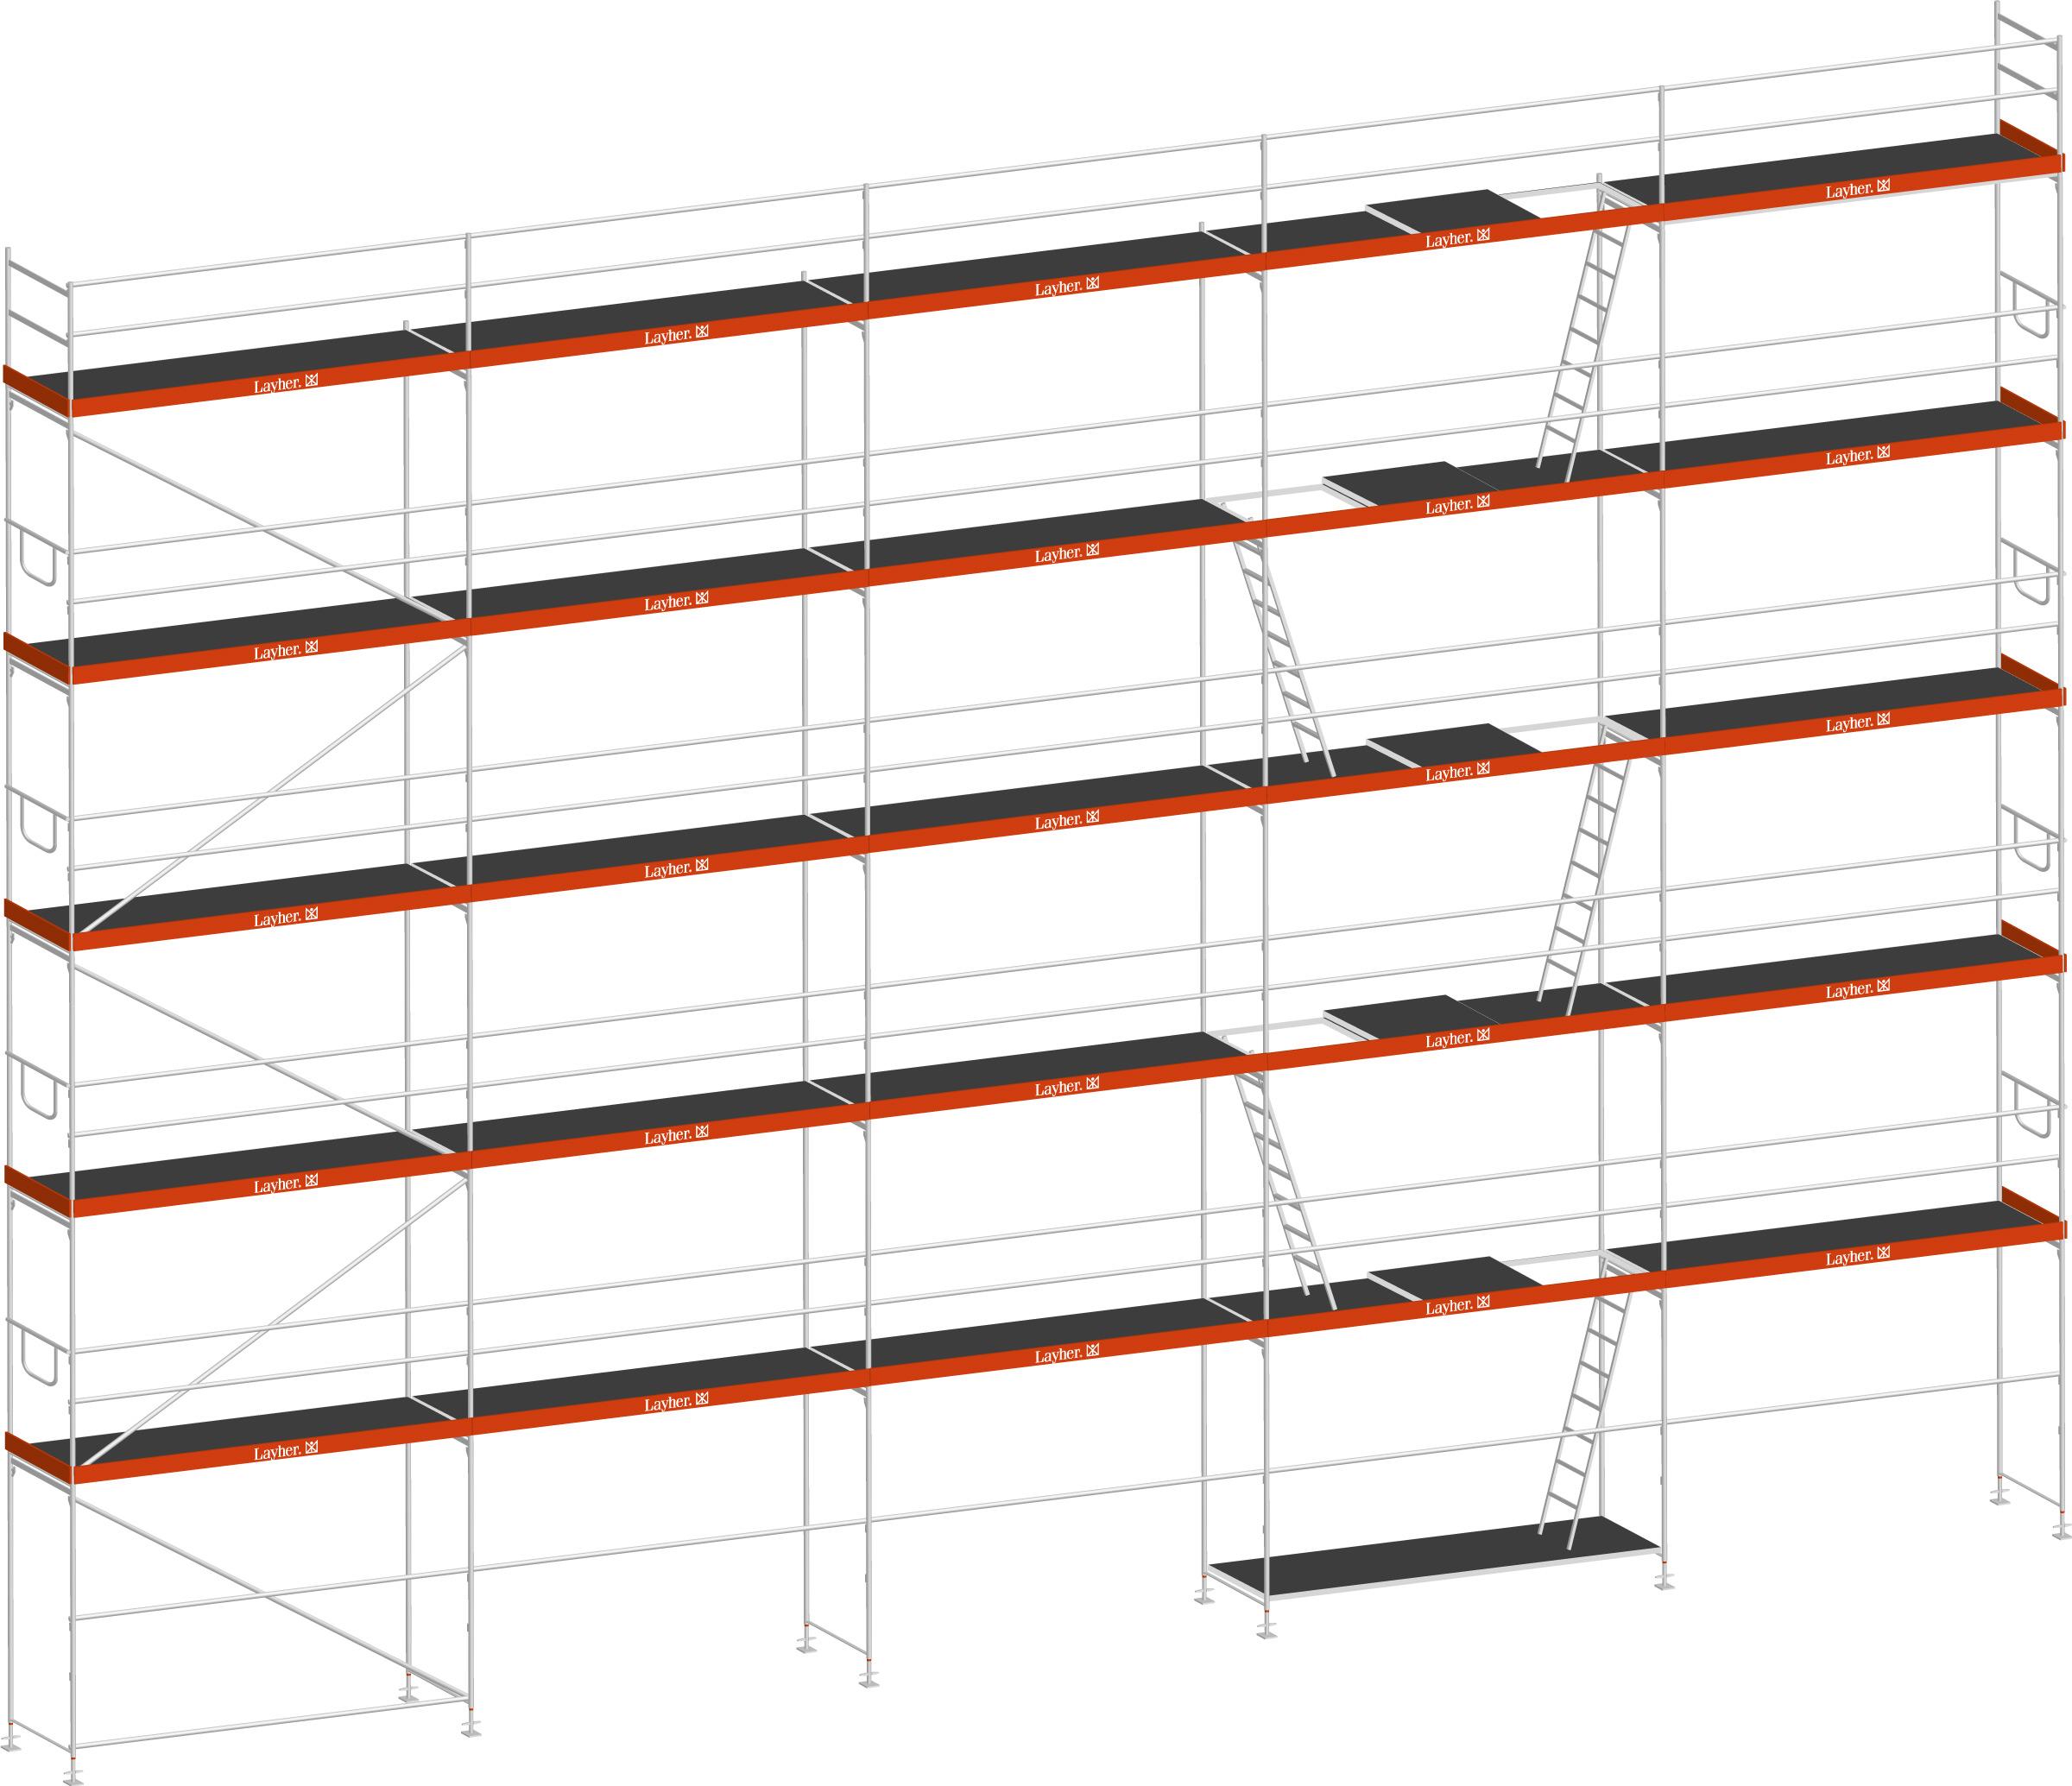 Layher Blitz Gerüst 70 Stahl 187 m²